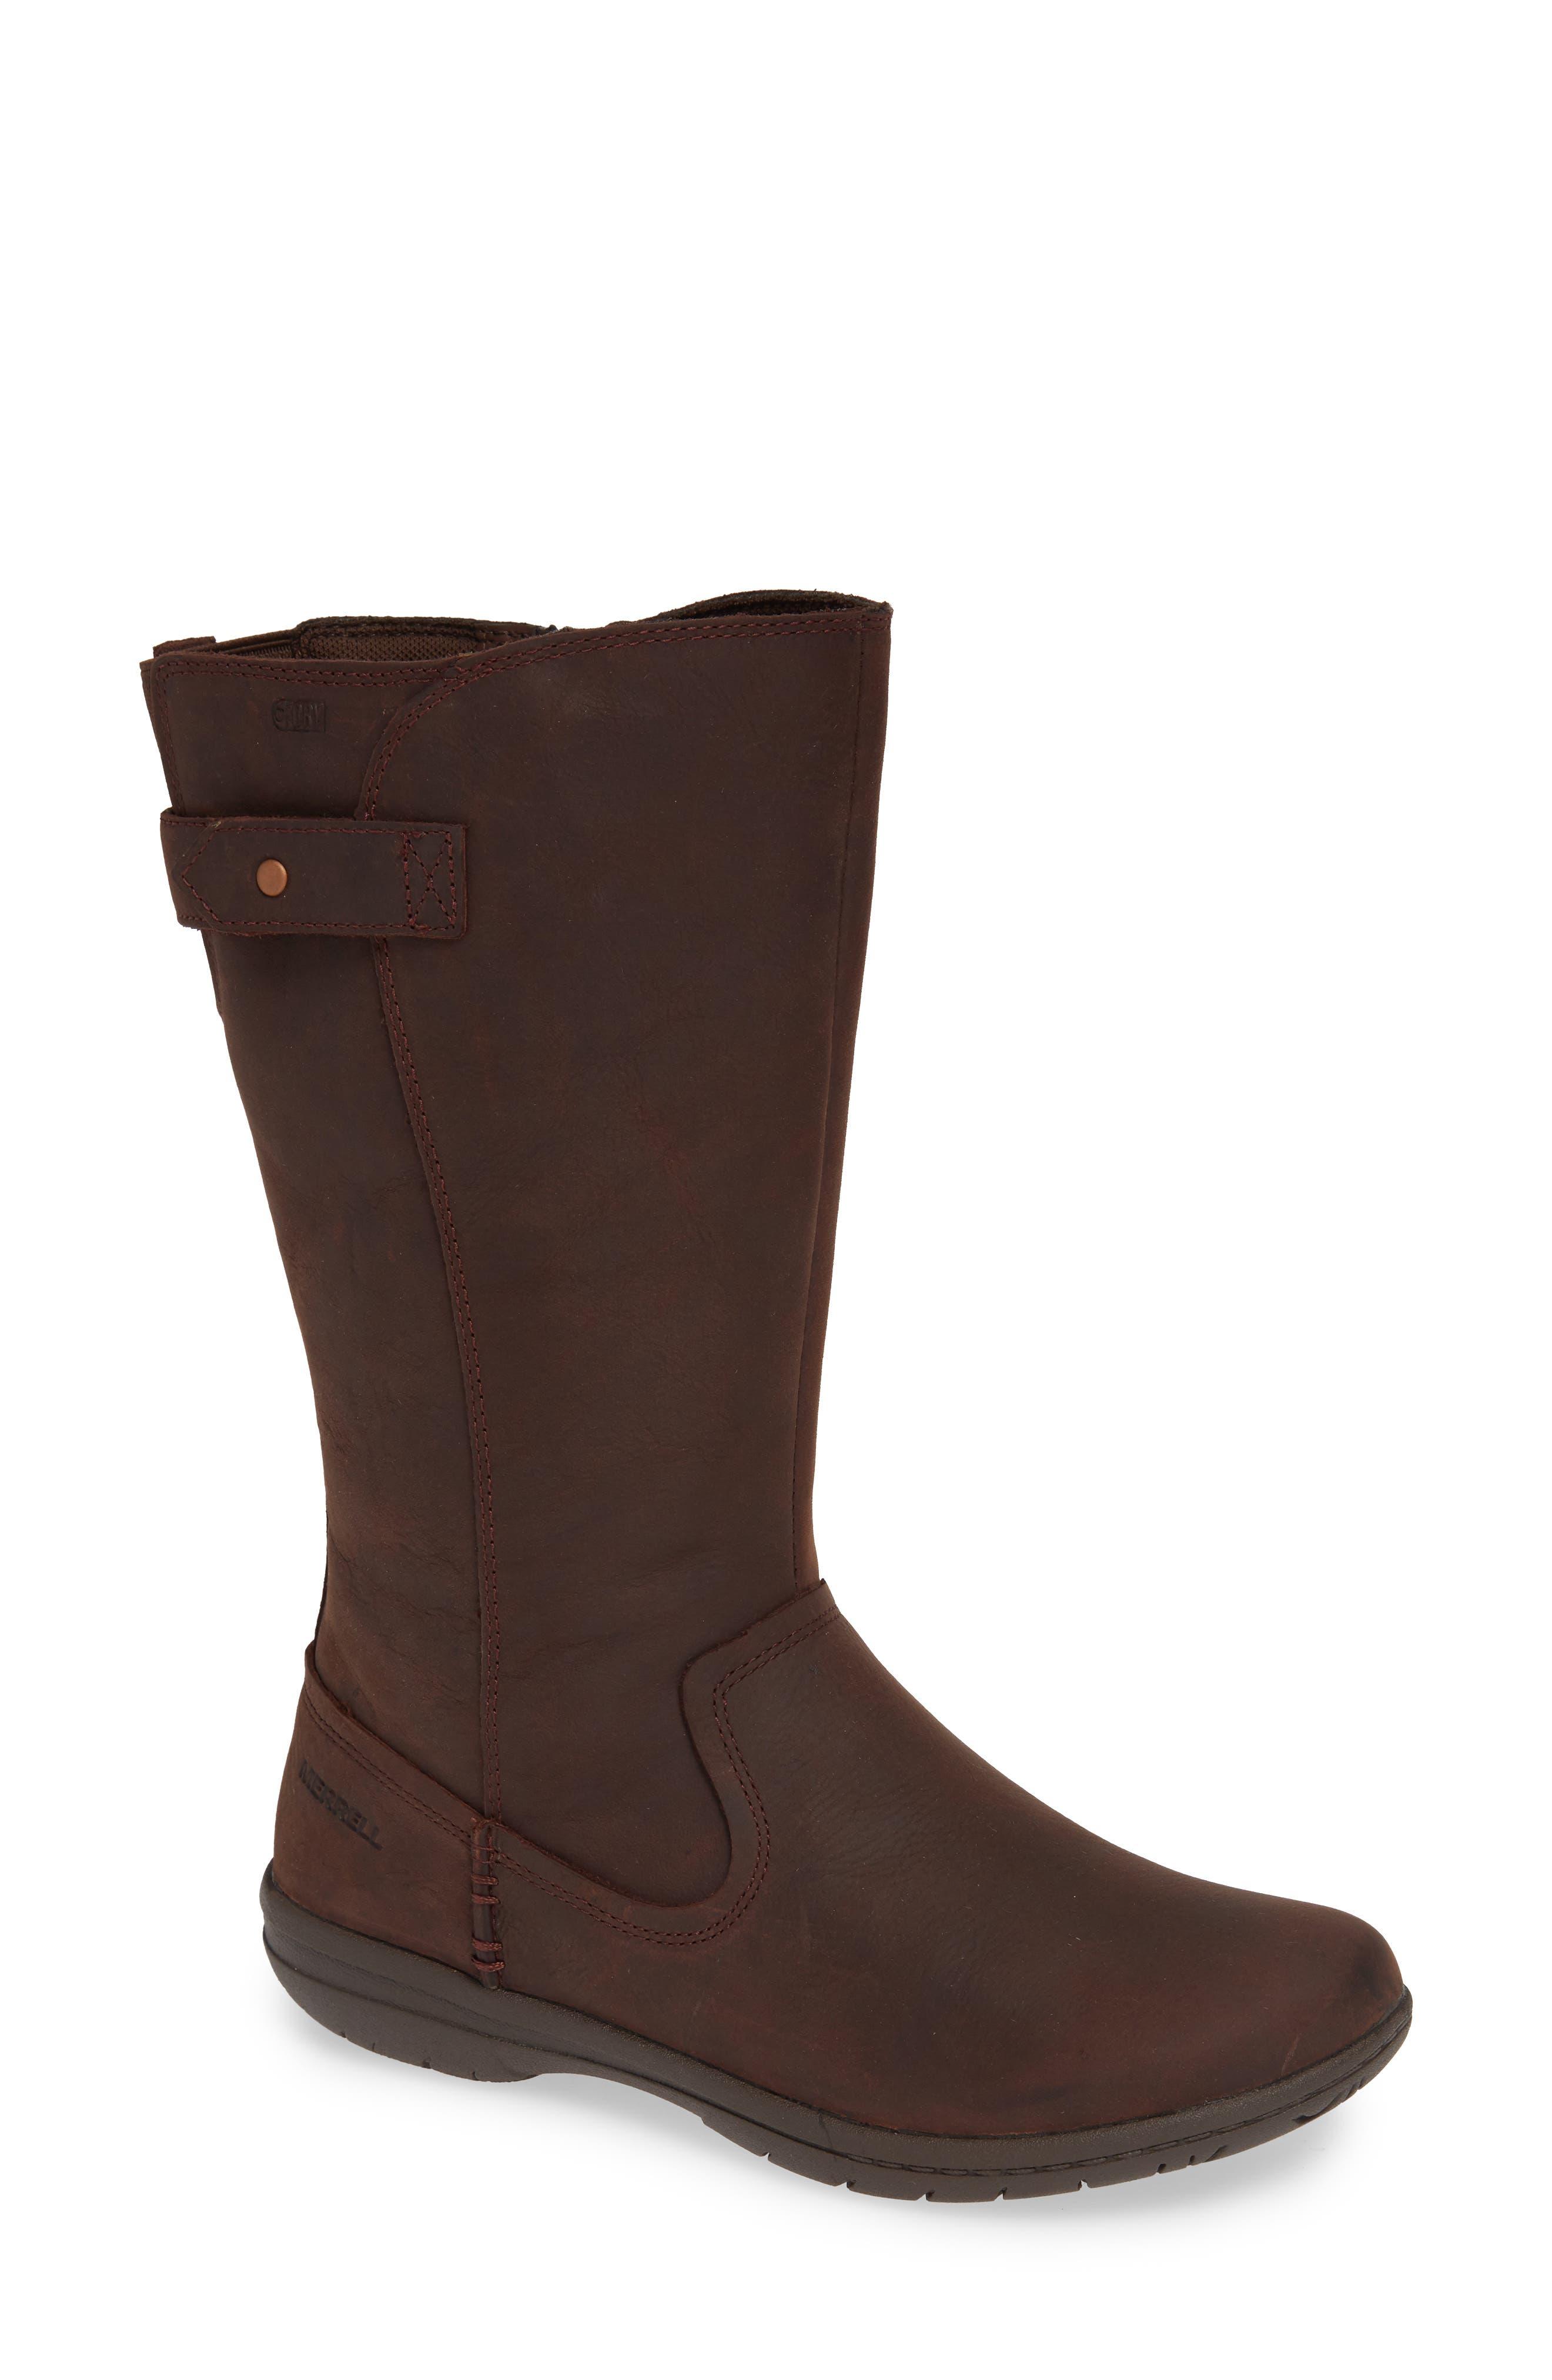 Merrell Encore Kassie Waterproof Boot- Brown